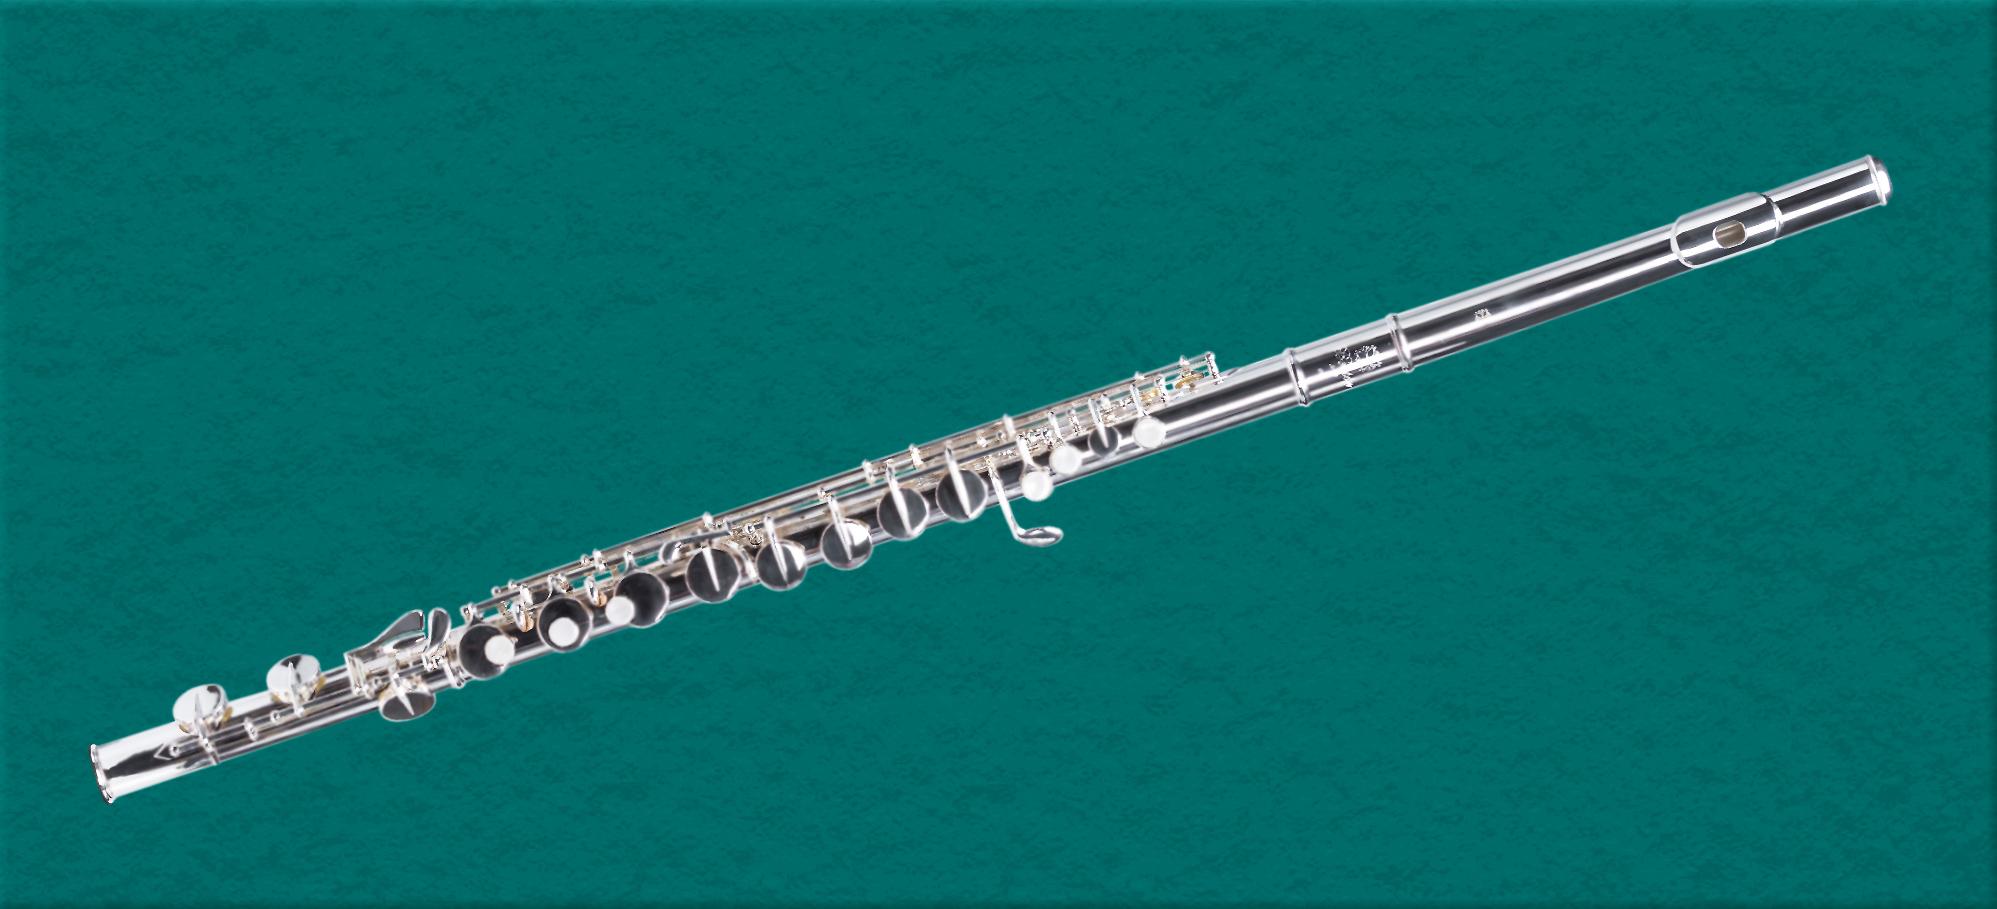 Flute-Flauta-Flote-Boston-alto g flute-economy-económica